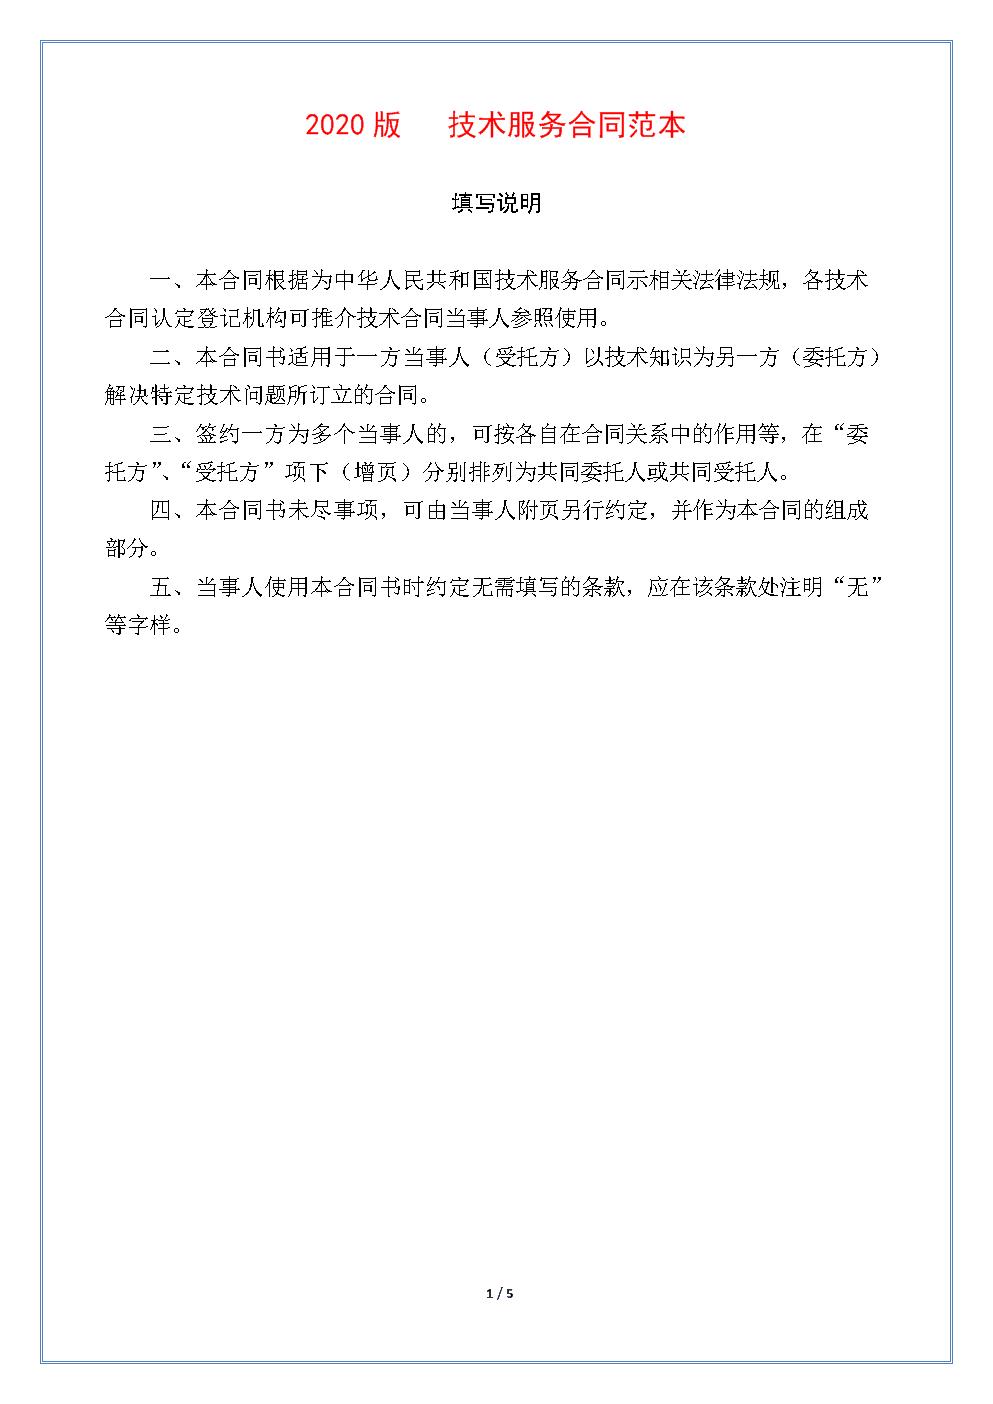 2020版技术服务合同范本.doc